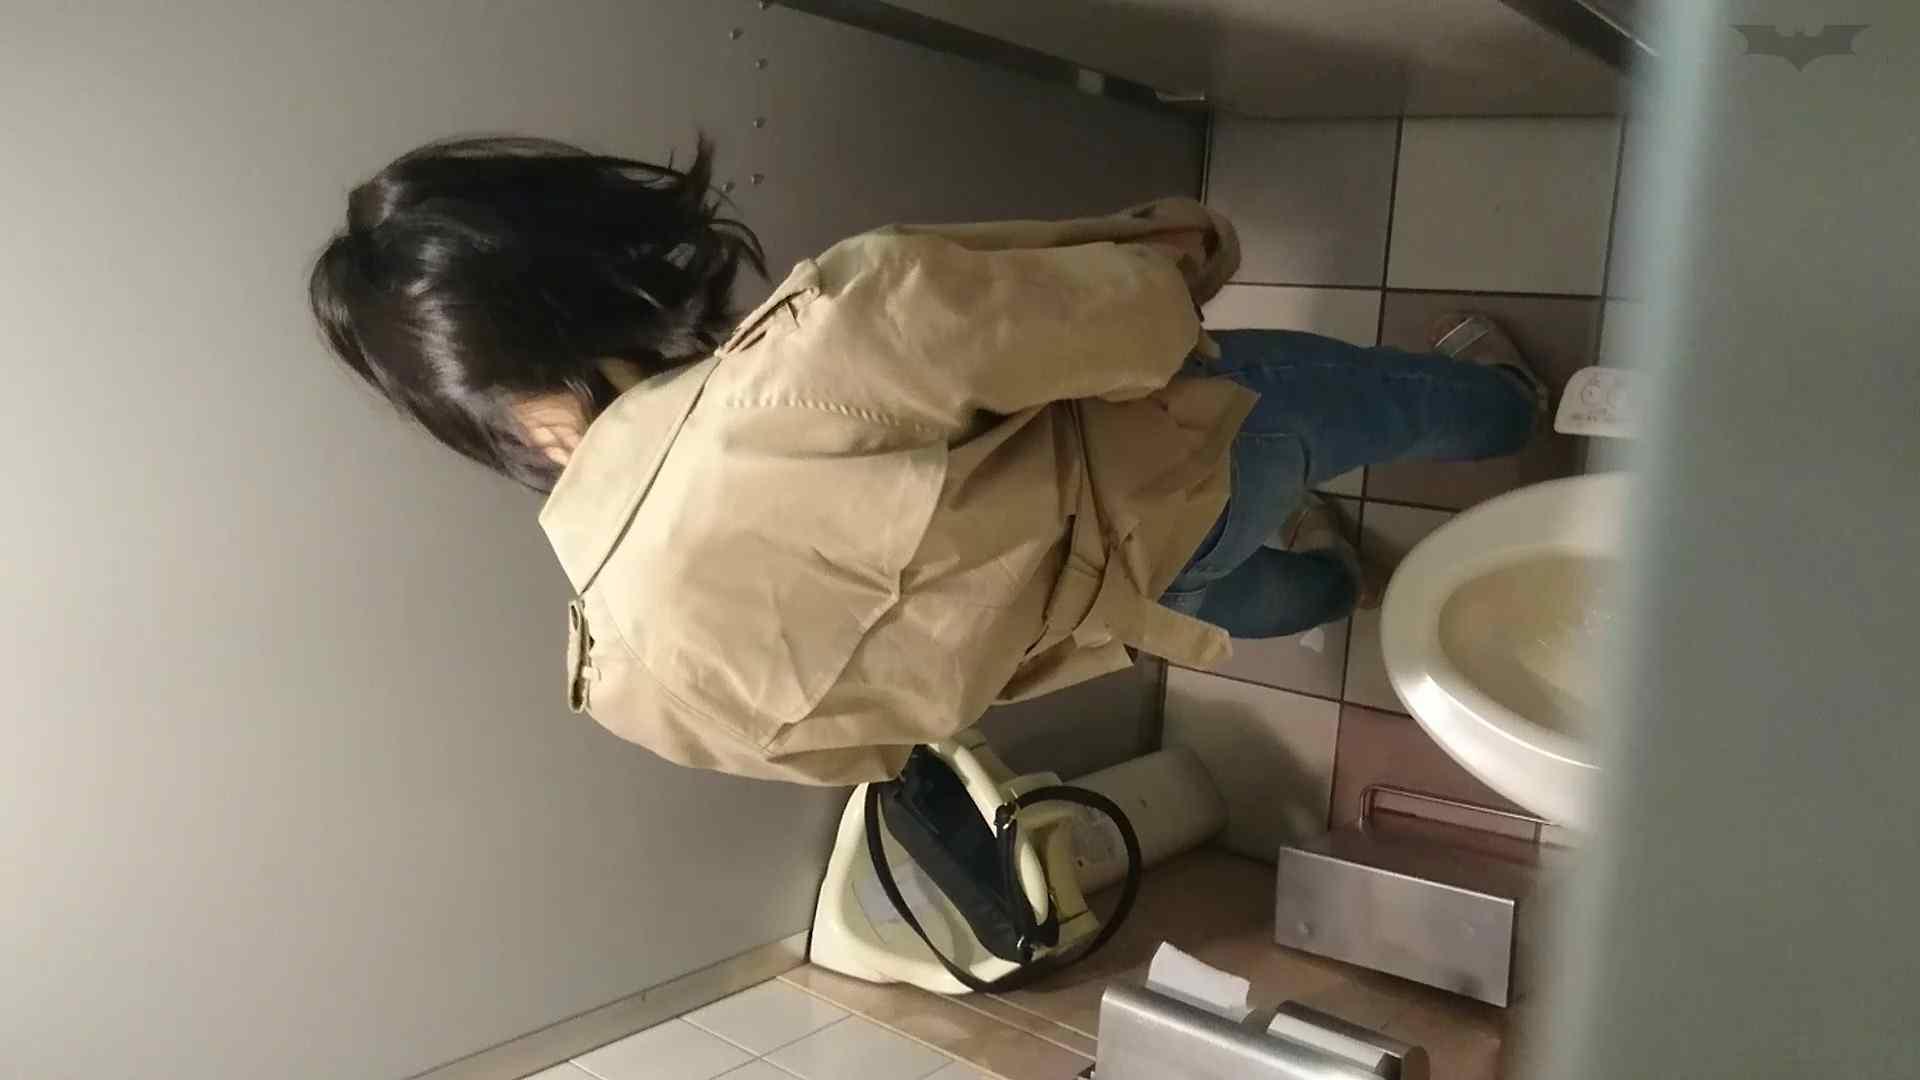 化粧室絵巻 ショッピングモール編 VOL.22 OL  95pic 13